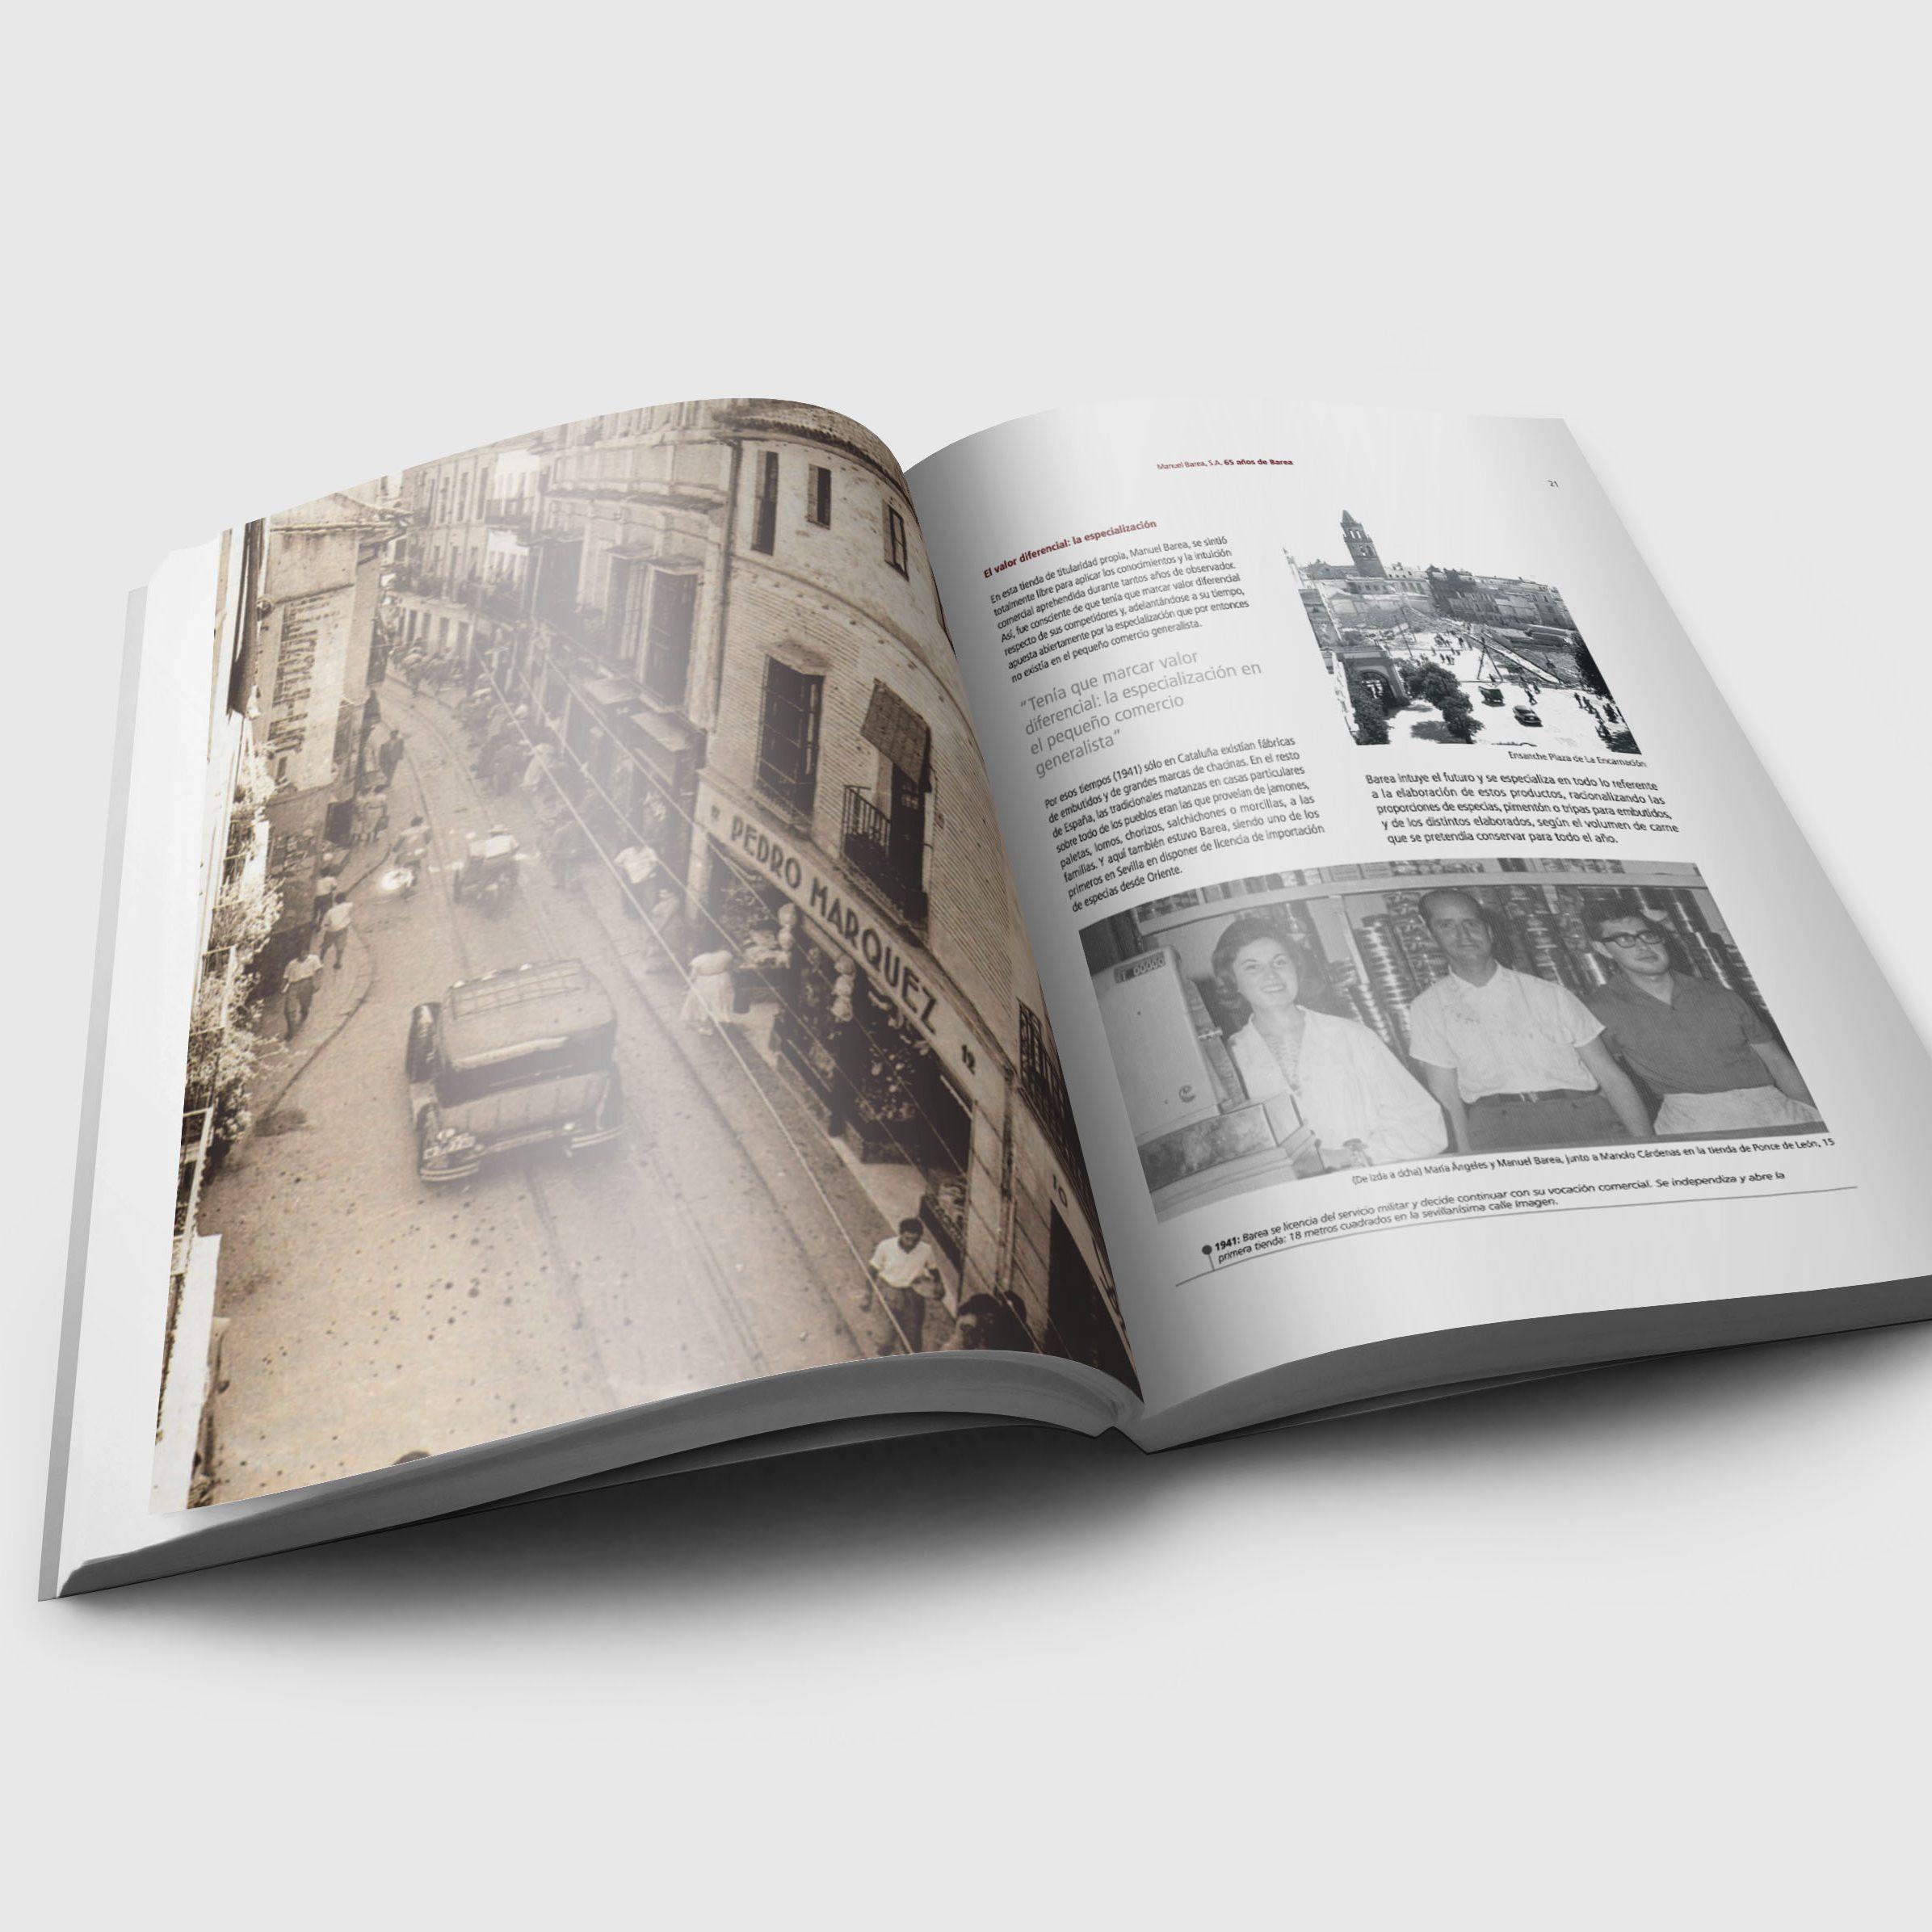 libro_interior_editorial_aniversario_barea_textura_design